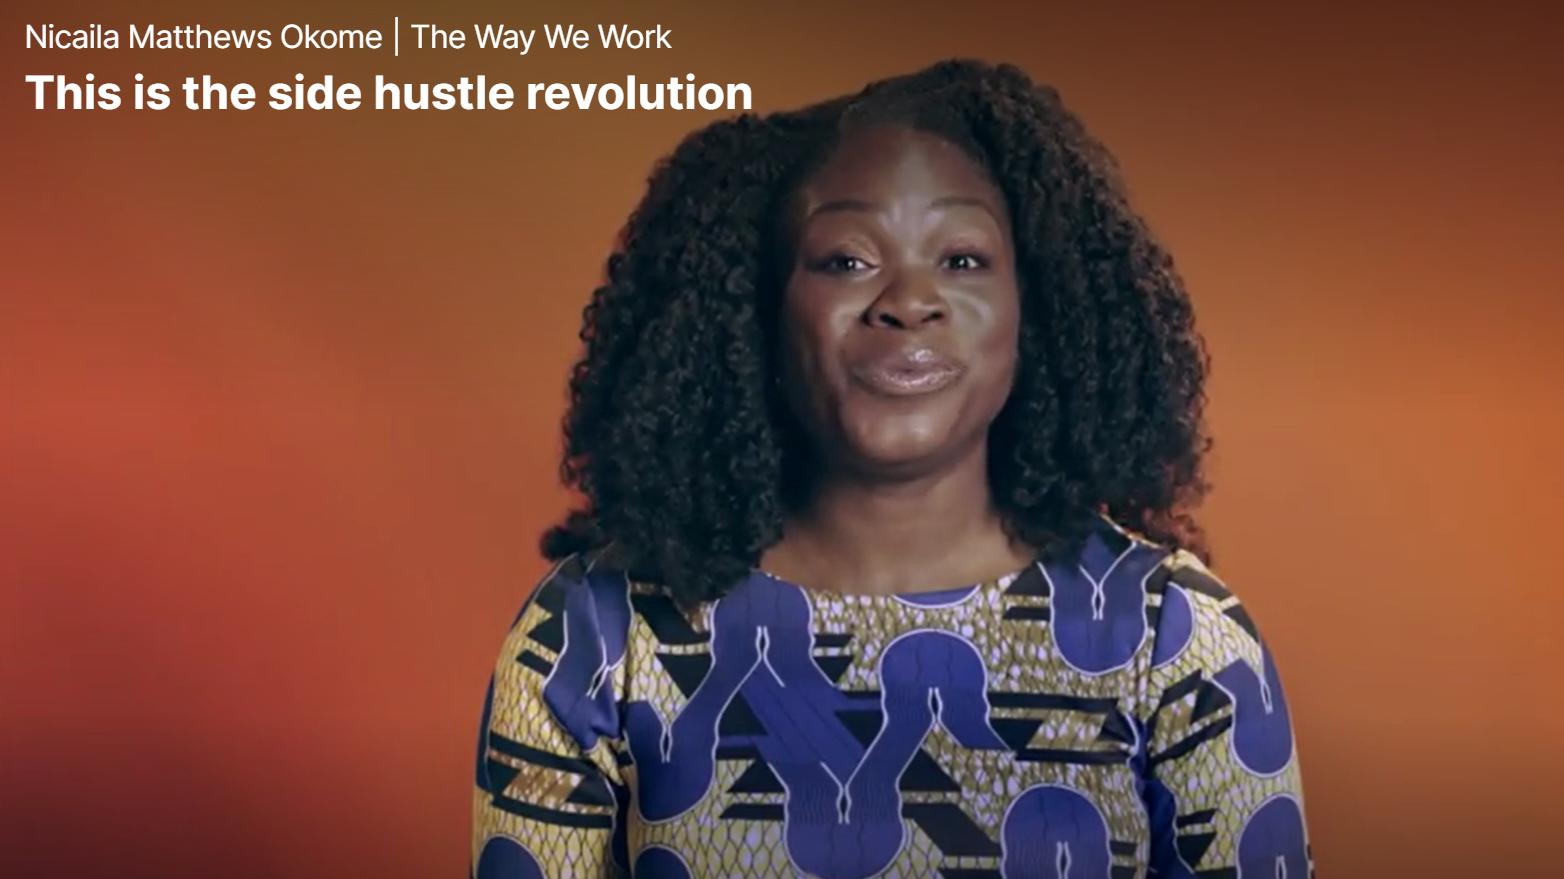 Side hustle revolution